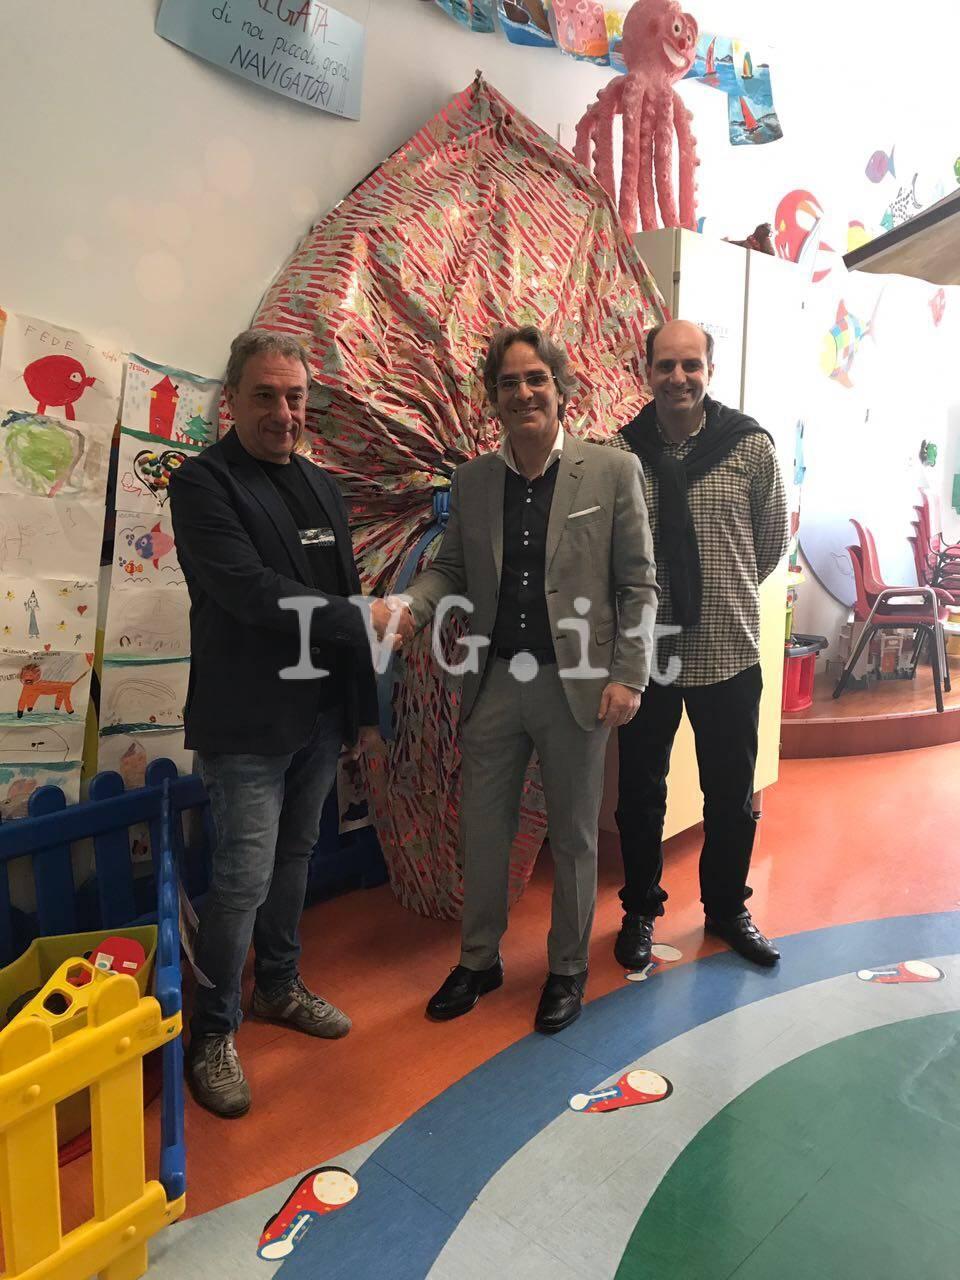 Pasqua, il regalo dell'Ipercoop di Savona ai bimbi della pediatria